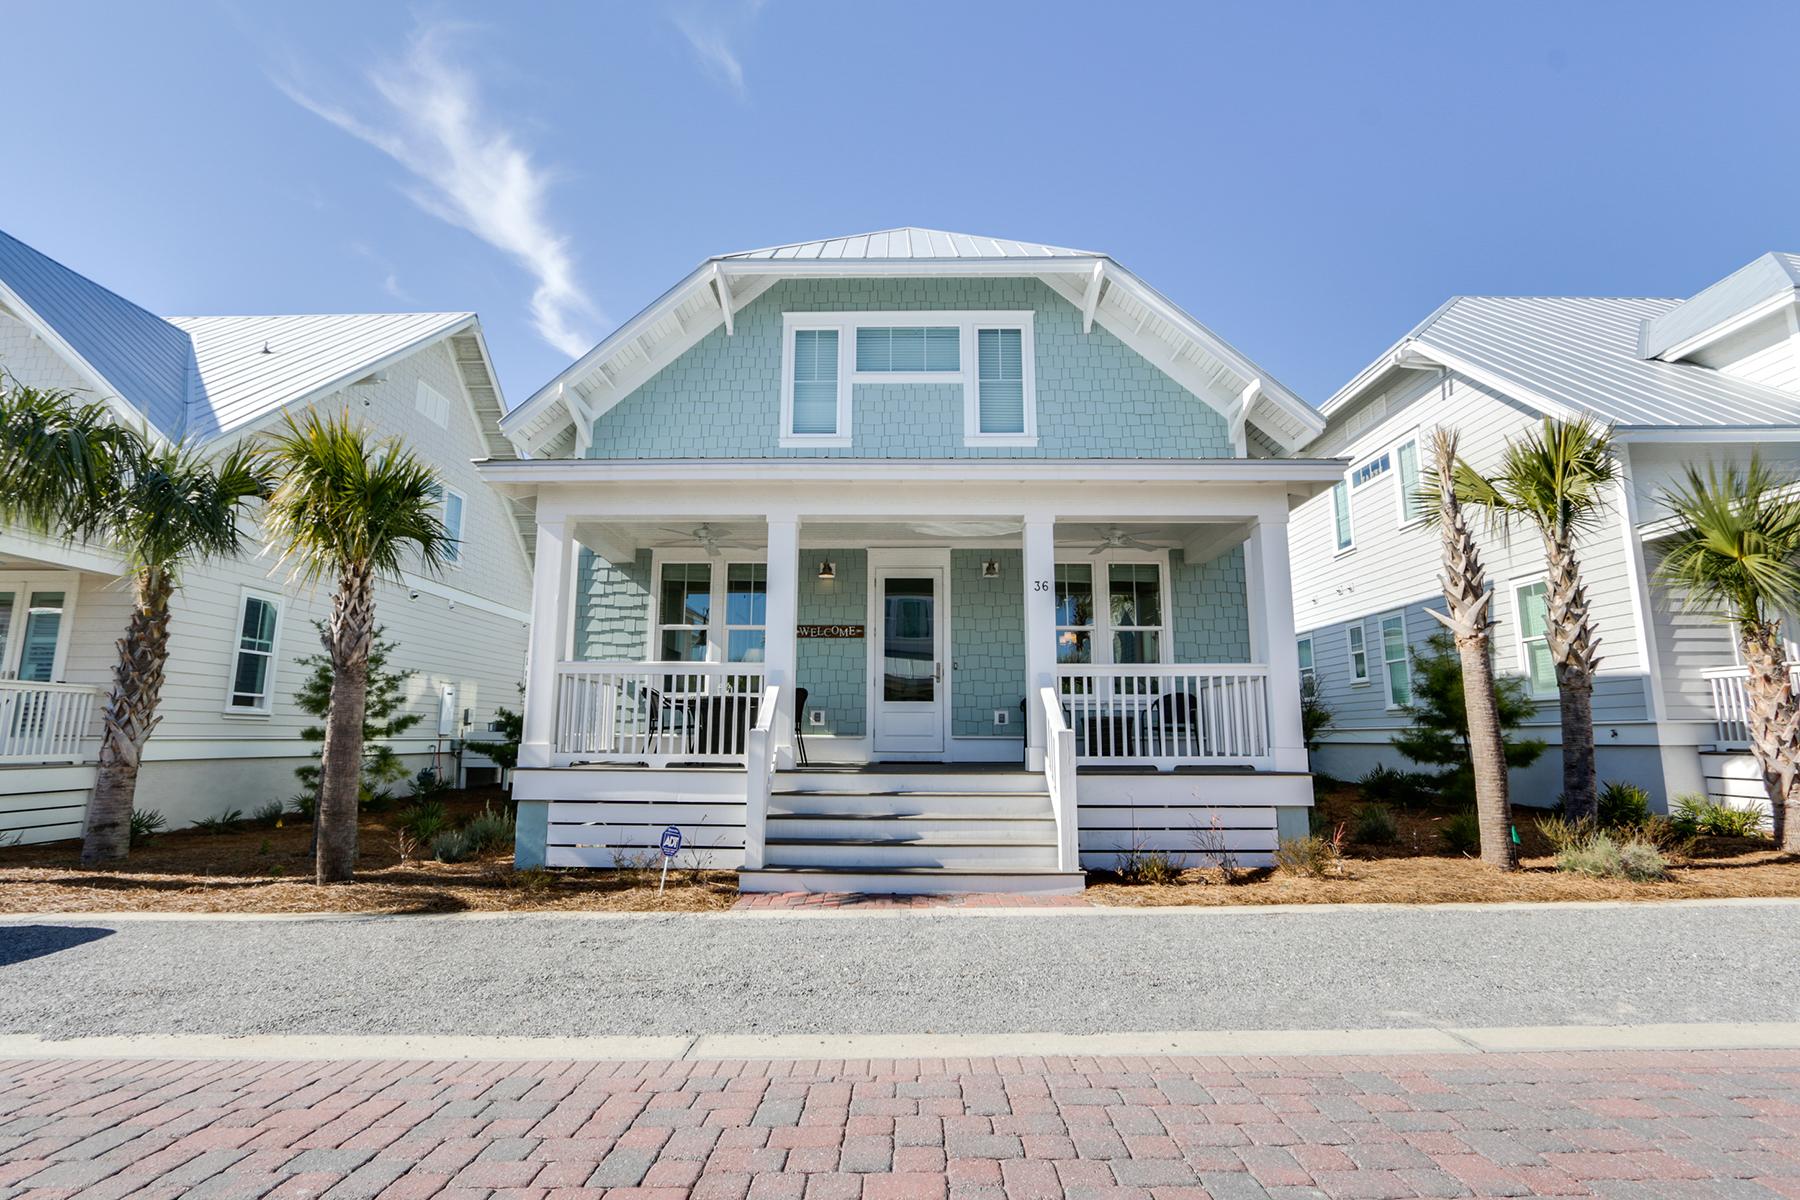 Частный односемейный дом для того Продажа на Charming New Construction Home in Quiet Beach Community 36 Federal Street, Inlet Beach, Флорида, 32461 Соединенные Штаты